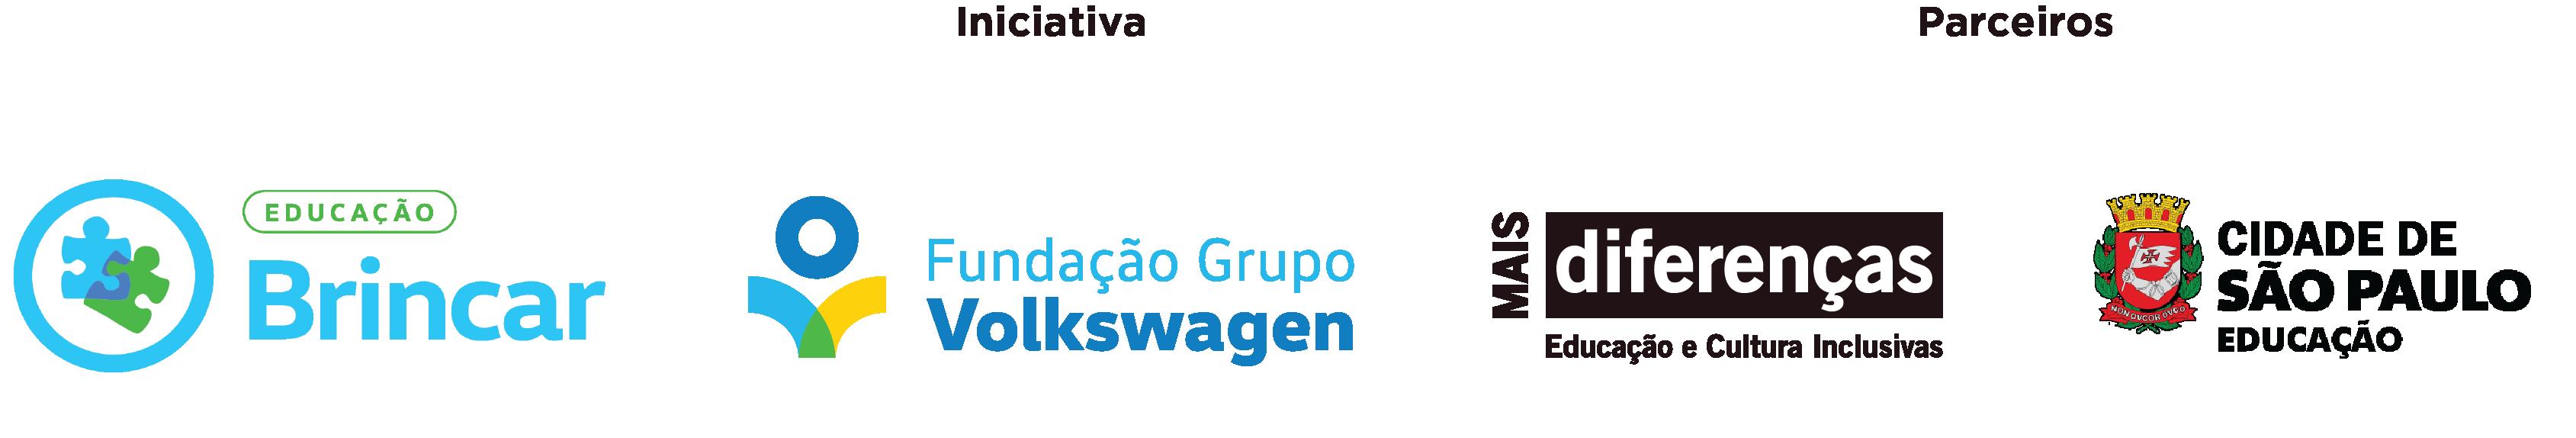 Régua de logos: Projeto Brincar. Iniciativa - Fundação Grupo Volkswagen. Parceiros - Mais Diferenças e Cidade de São Paulo, Educação